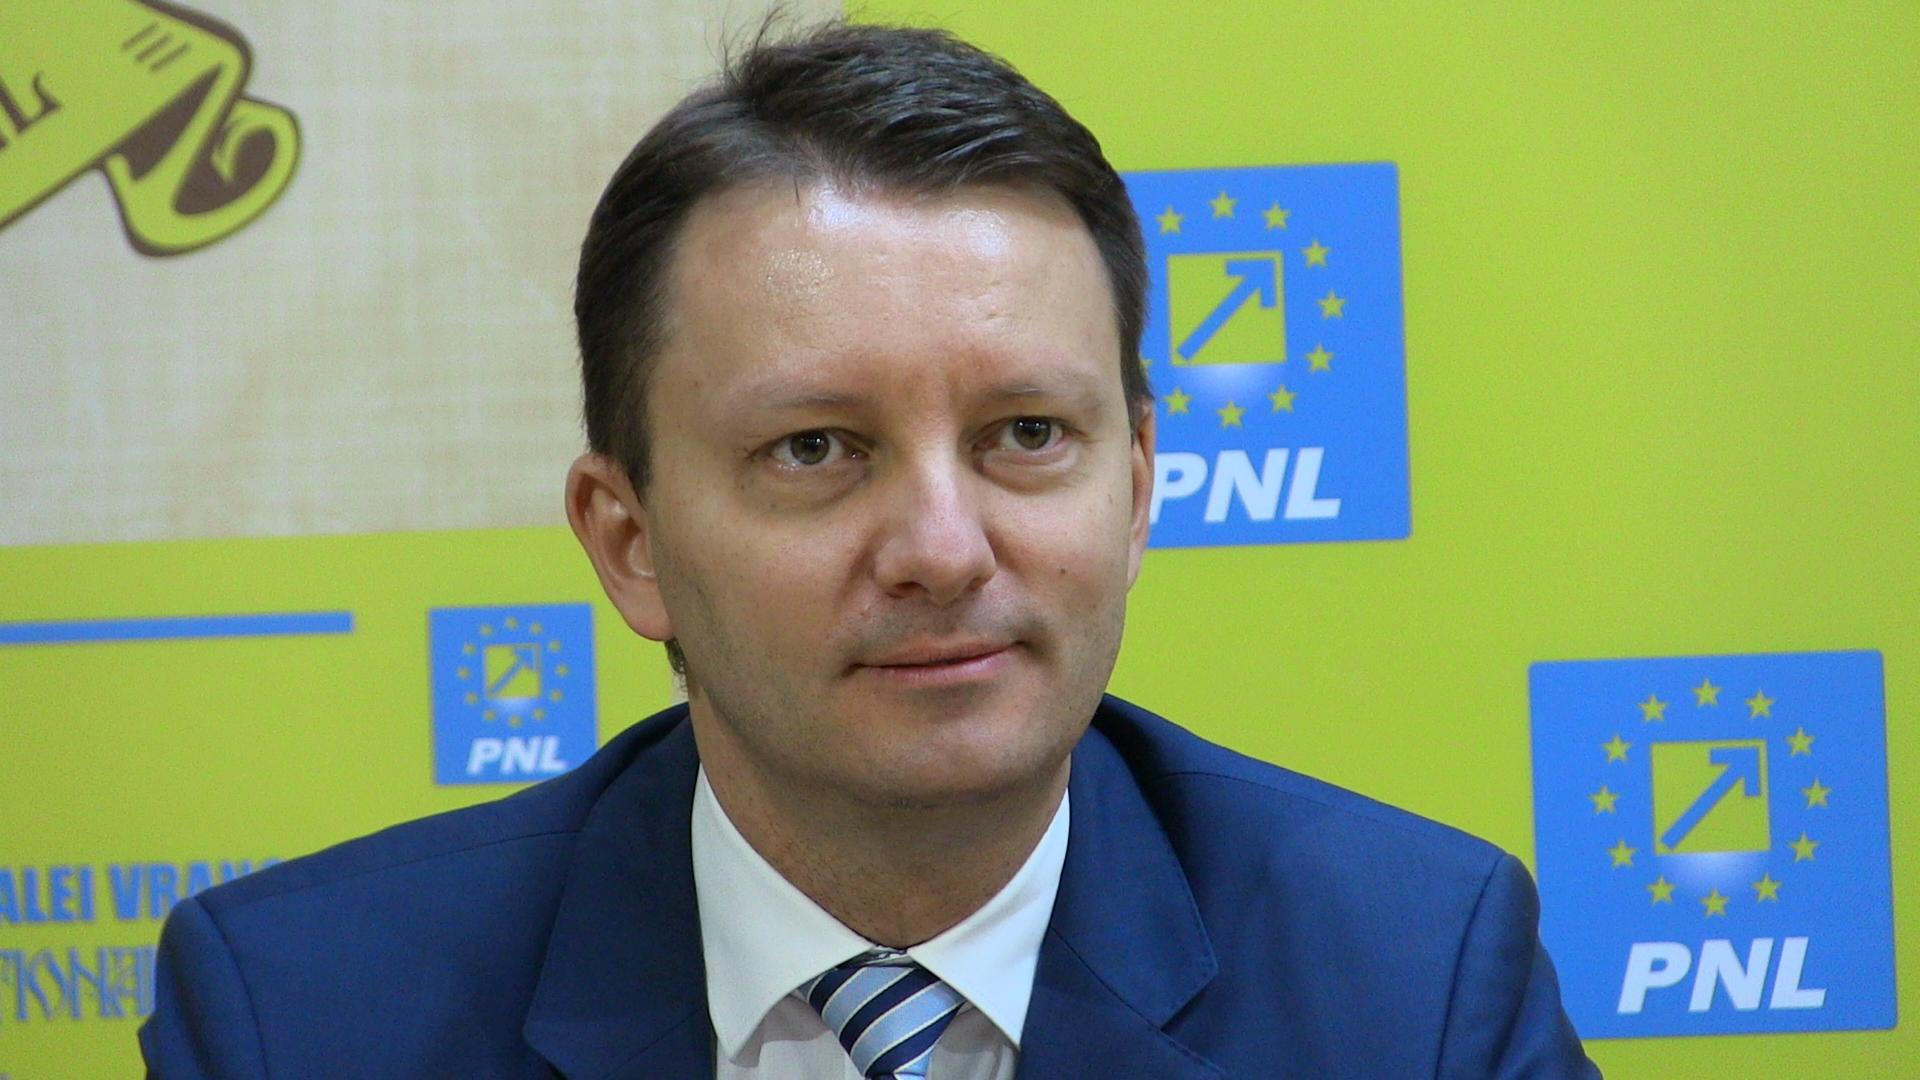 Siegfried Mureşan lett az Európai Néppárt alelnöke